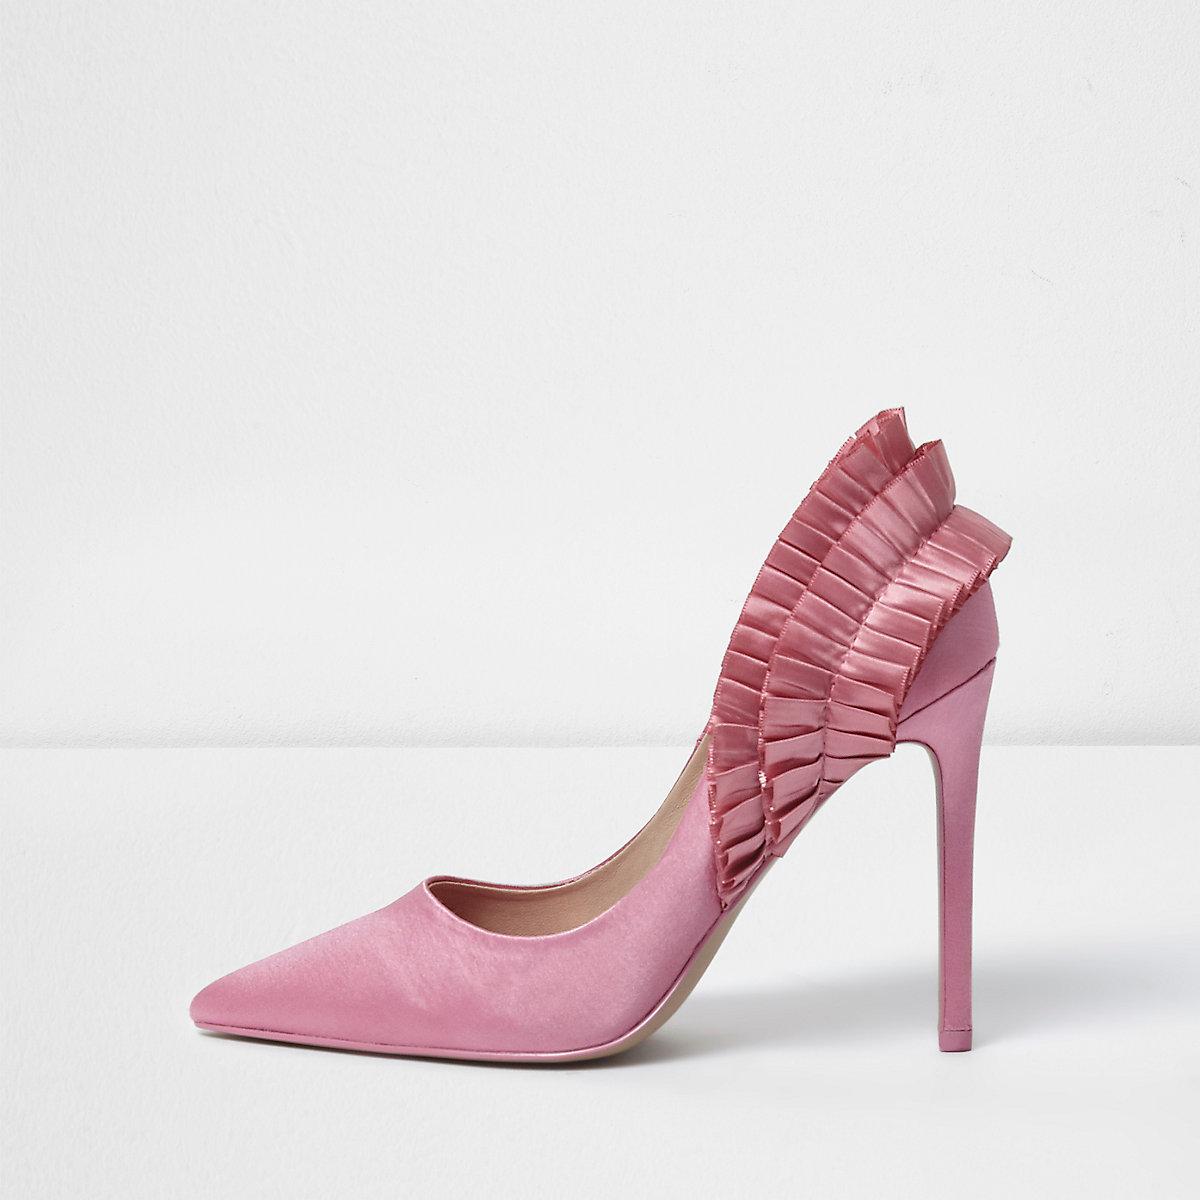 Pink ruffle back pumps